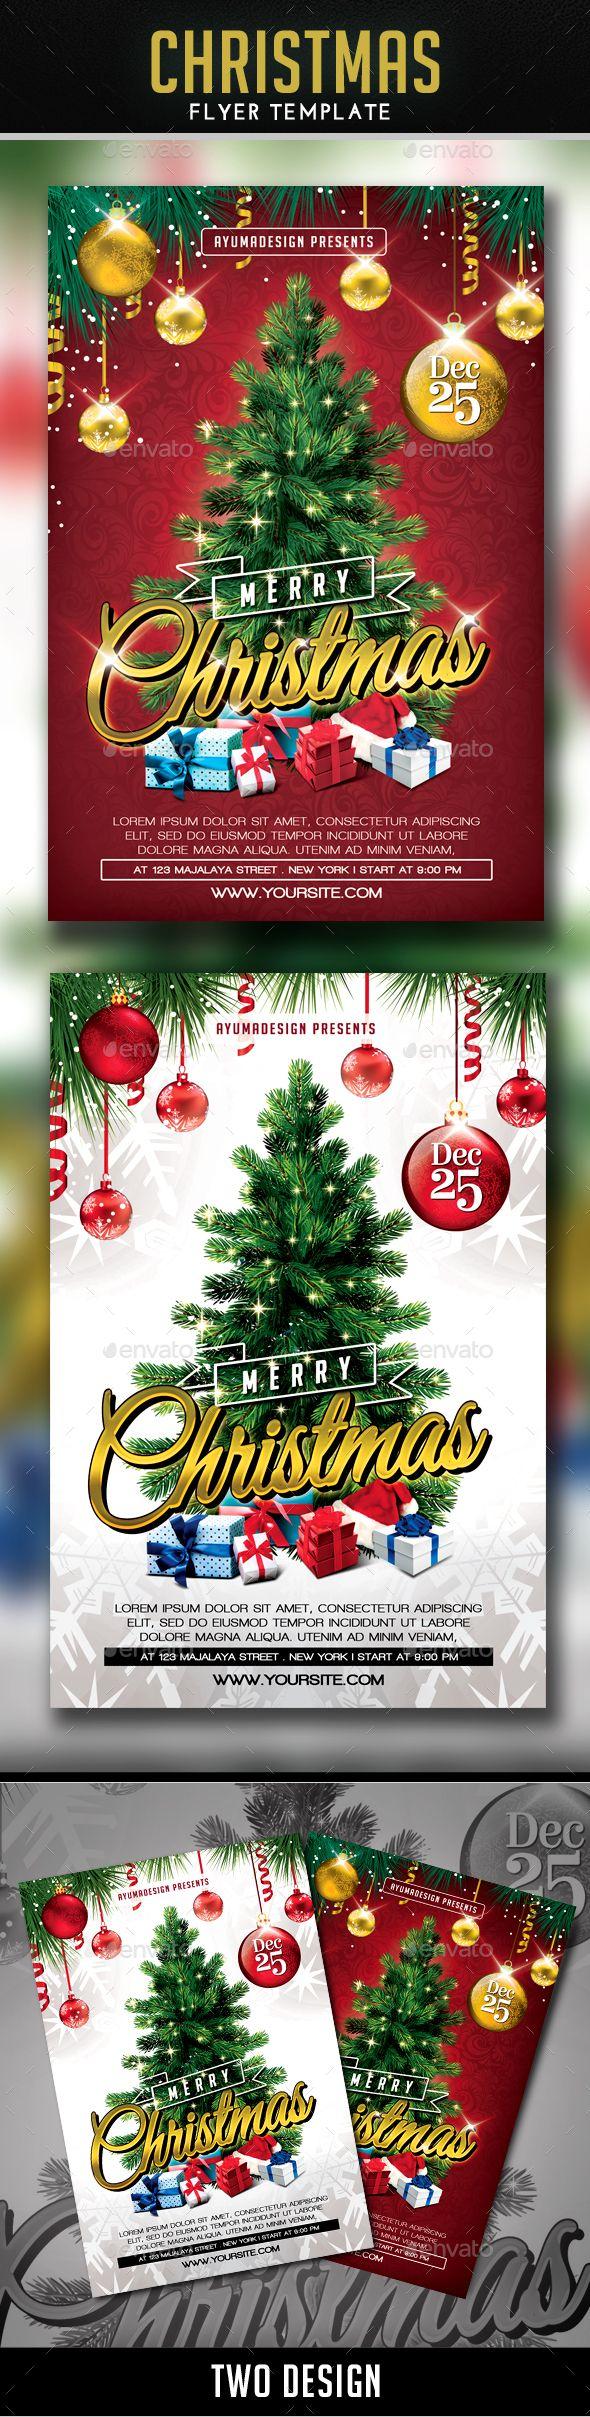 fir letter format%0A Christmas Flyer